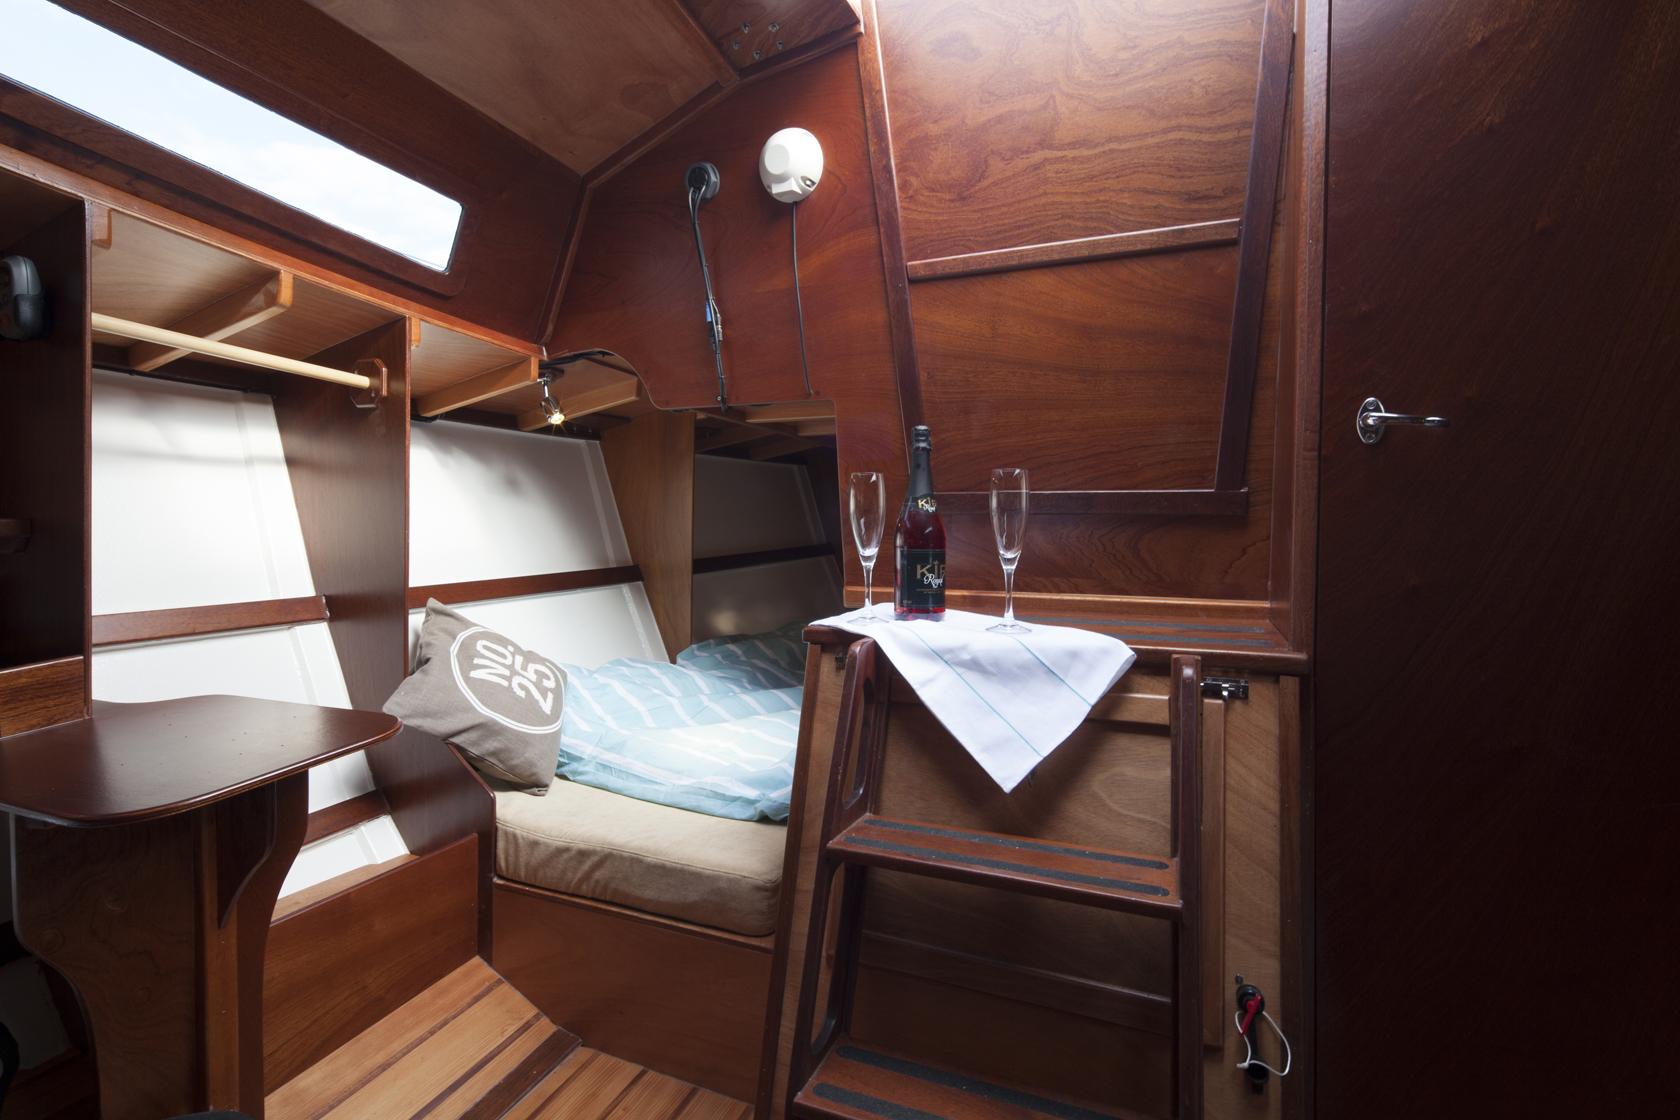 Waarschip 30 CR interior